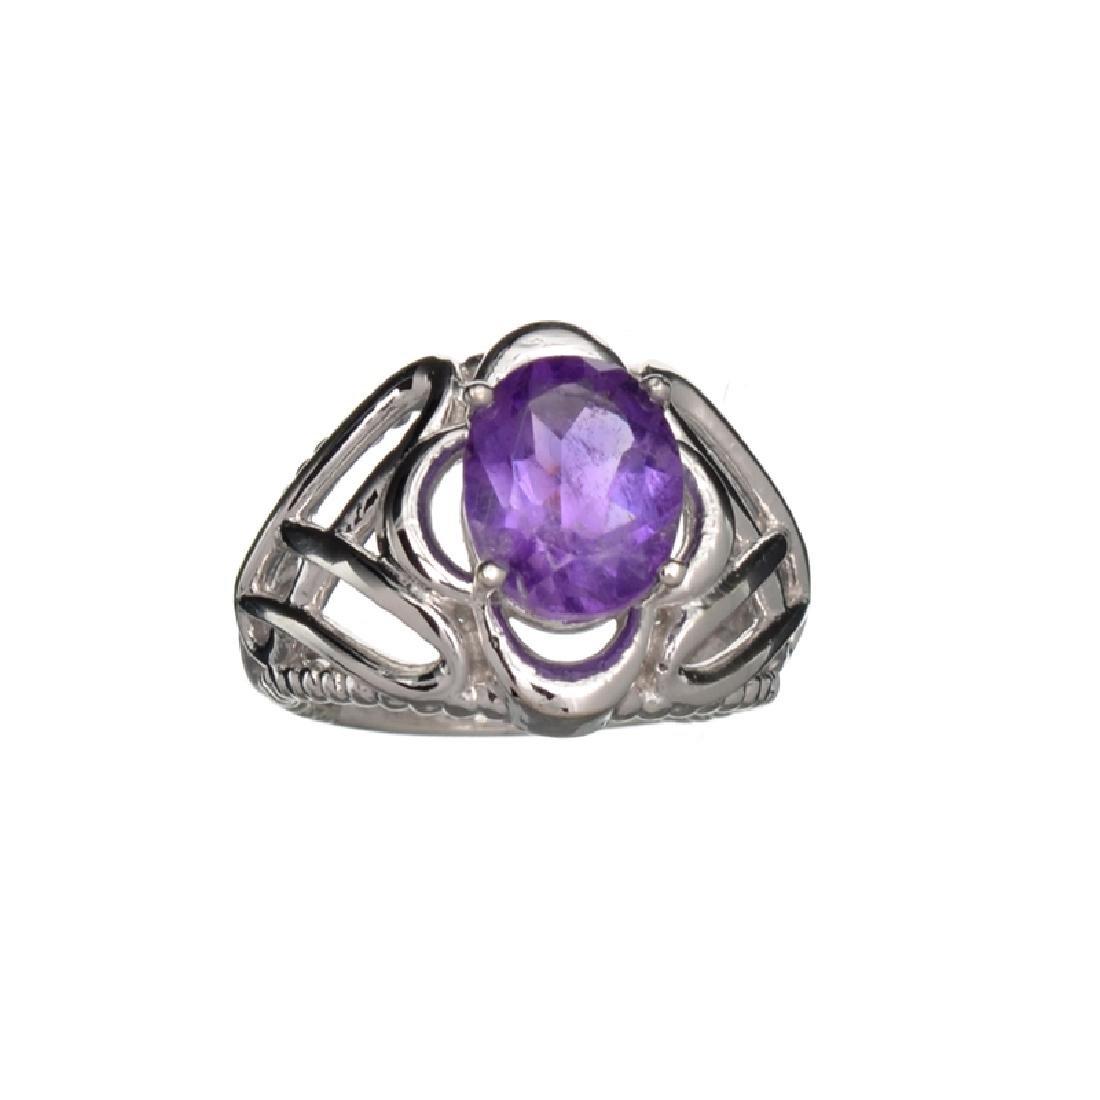 APP: 0.5k Fine Jewelry 2.40CT Oval Cut Purple Amethyst